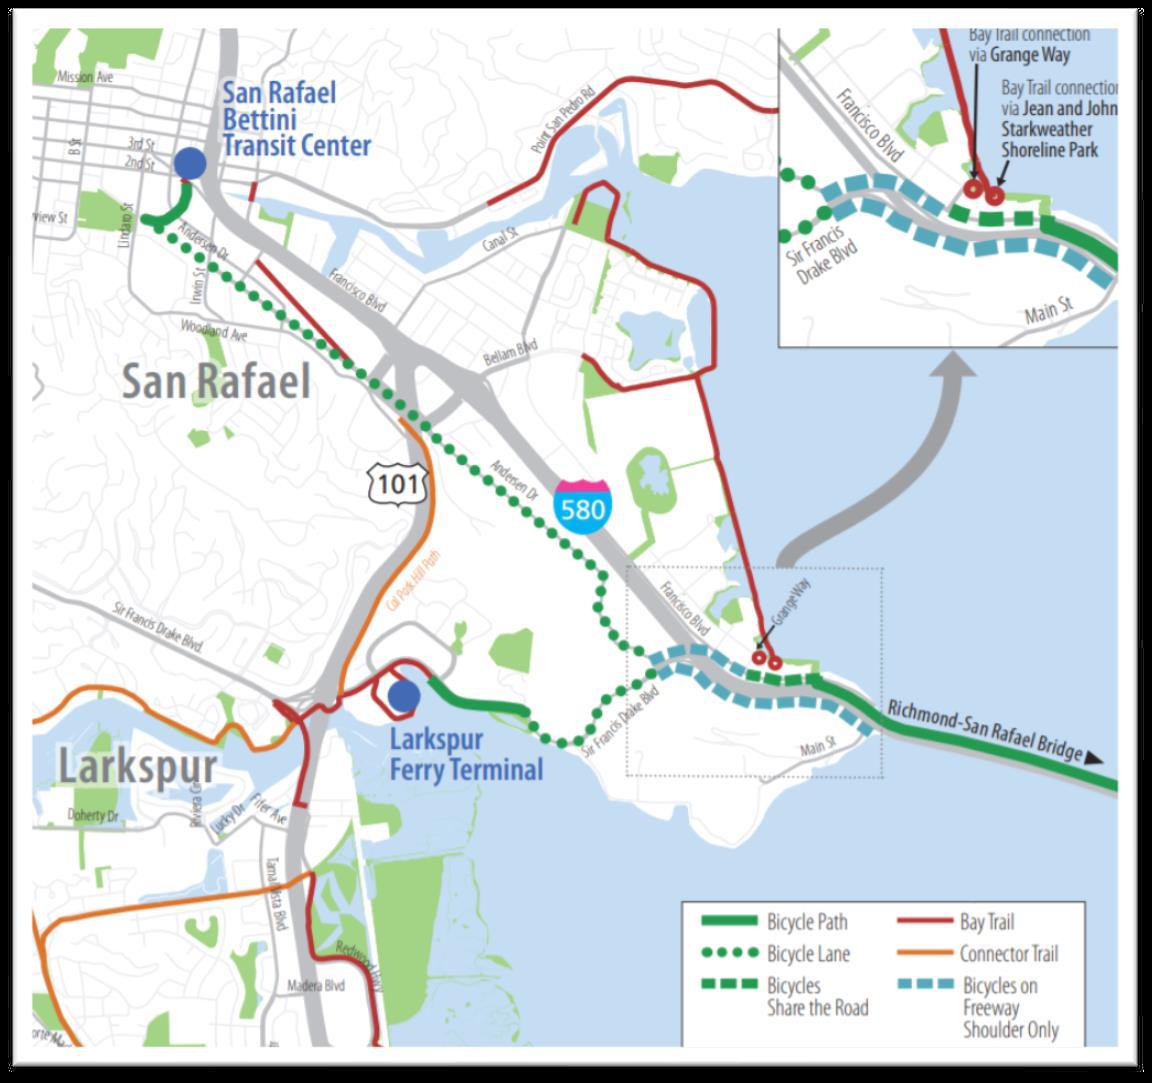 Richmond-San Rafael Bridge Bike_Ped Path